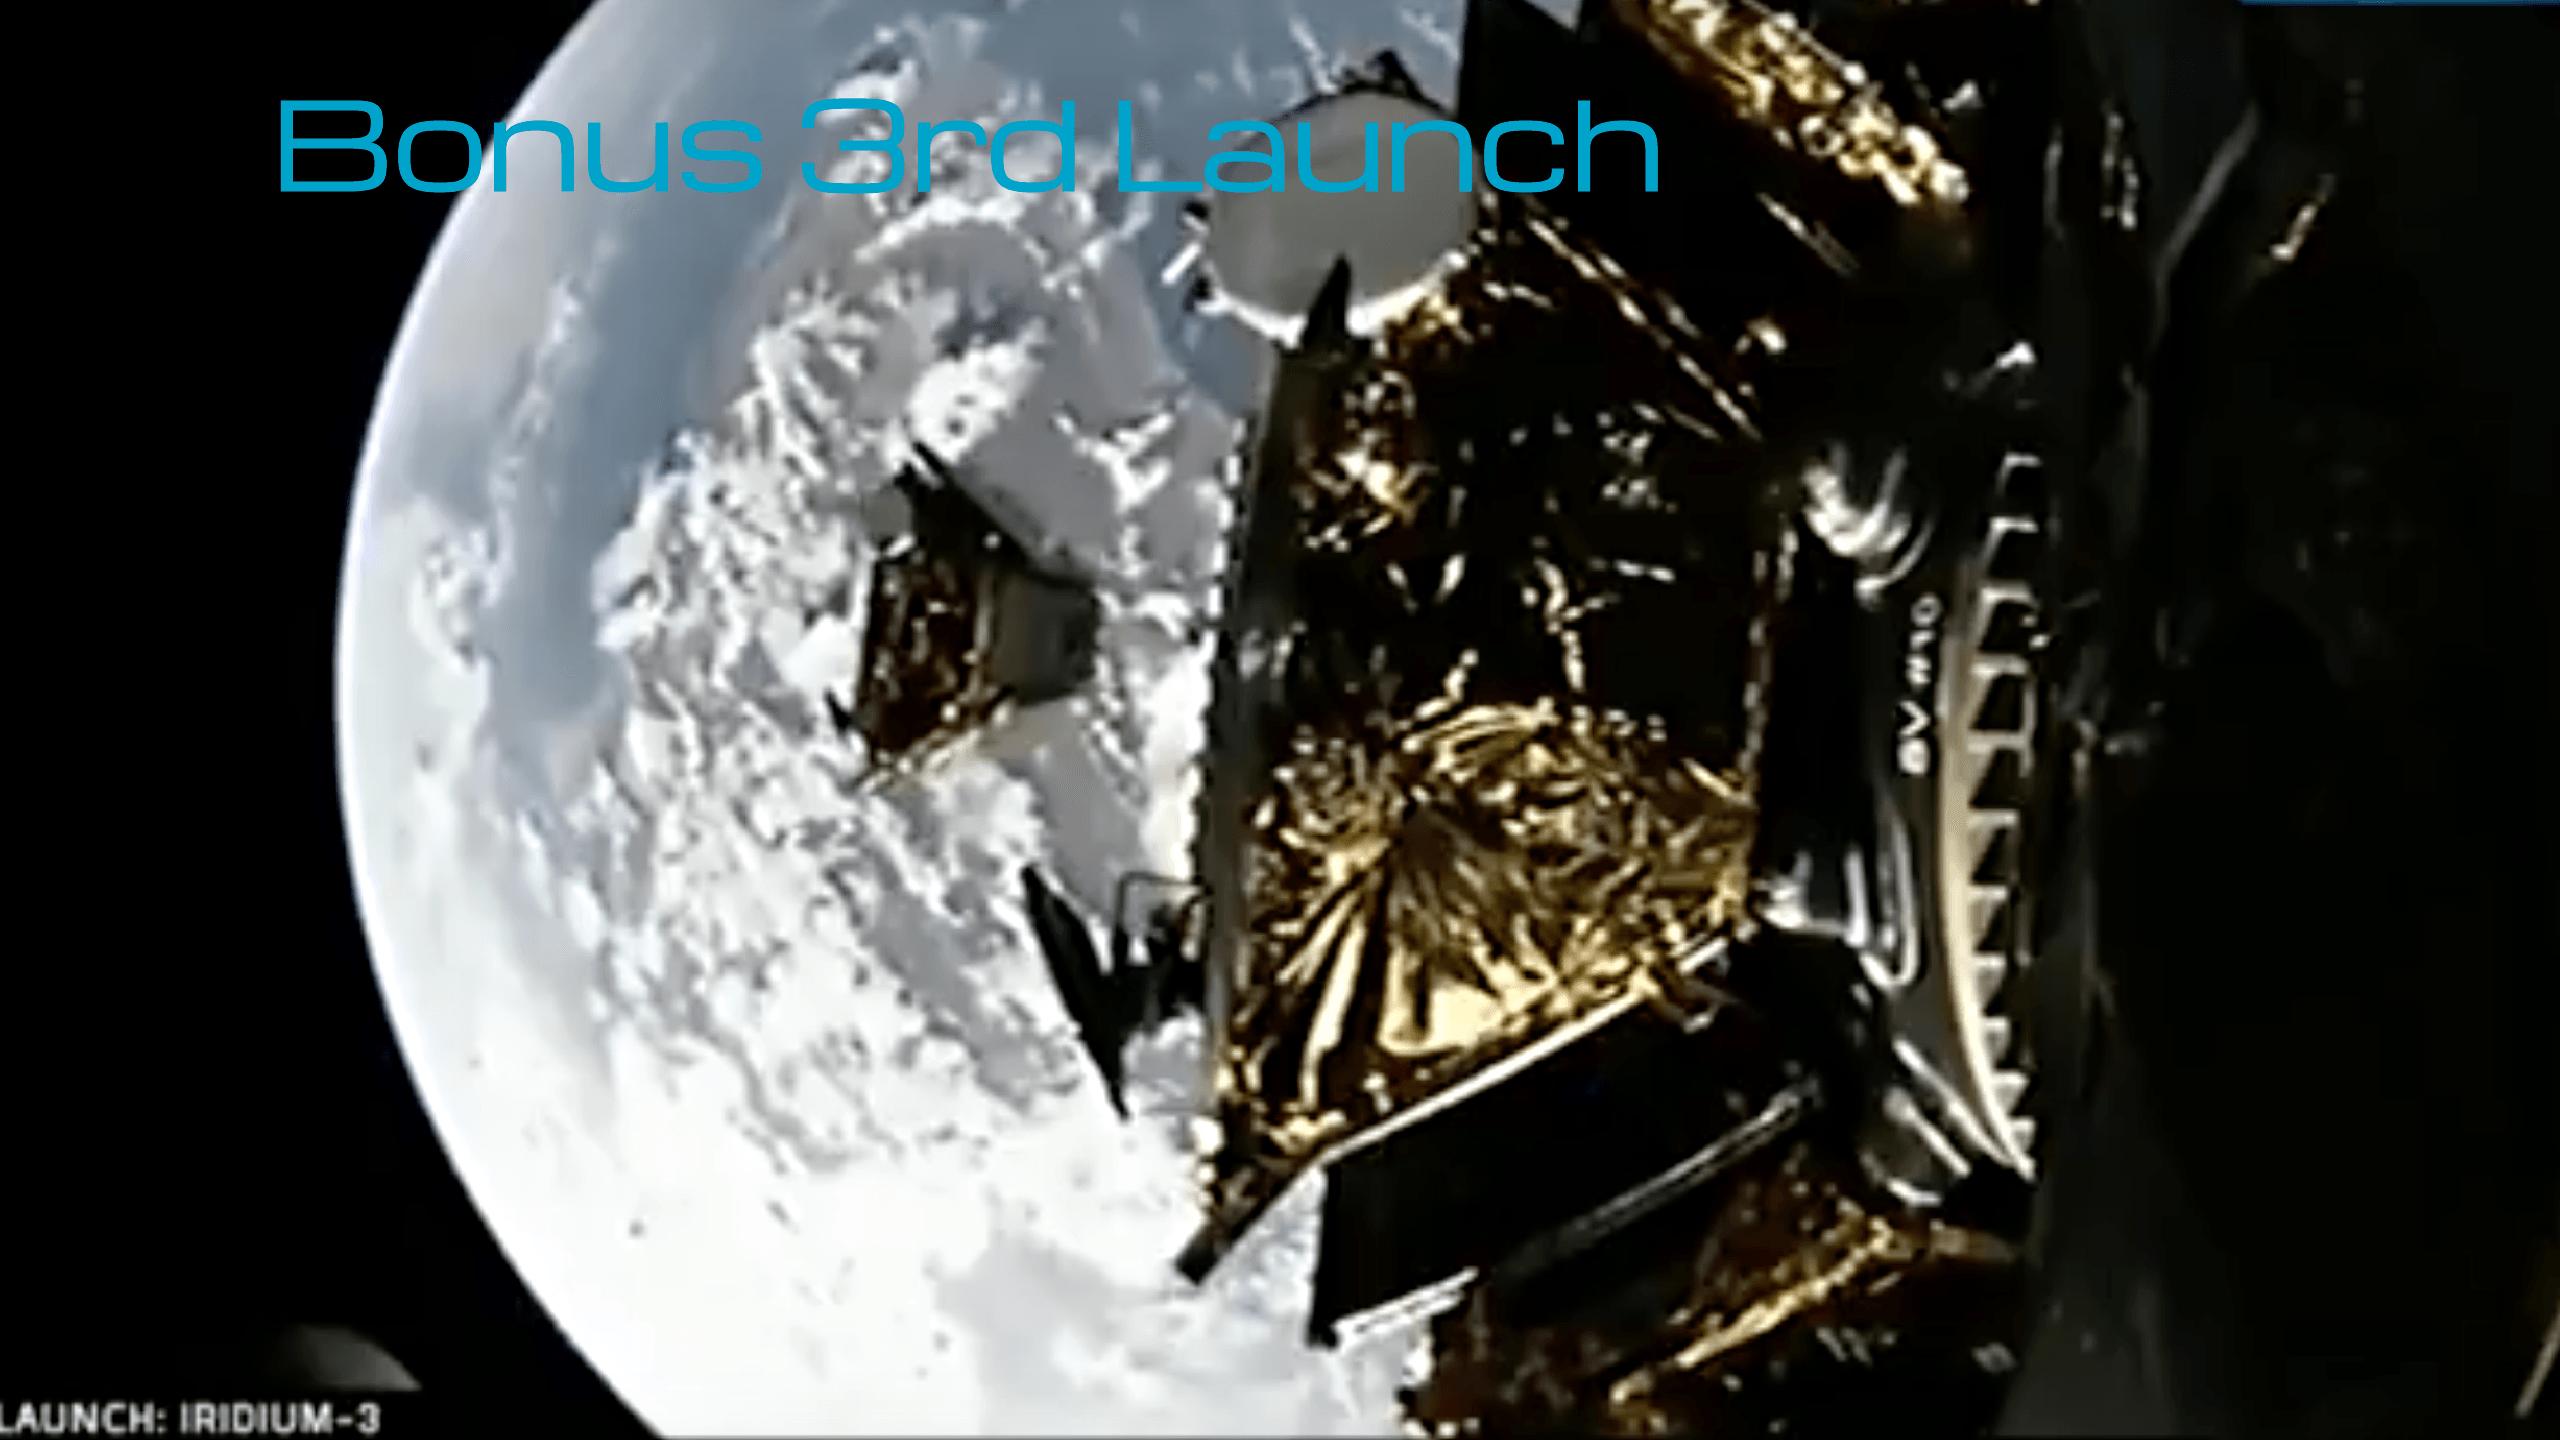 Vignette de la vidéo bonus du troisième lancement